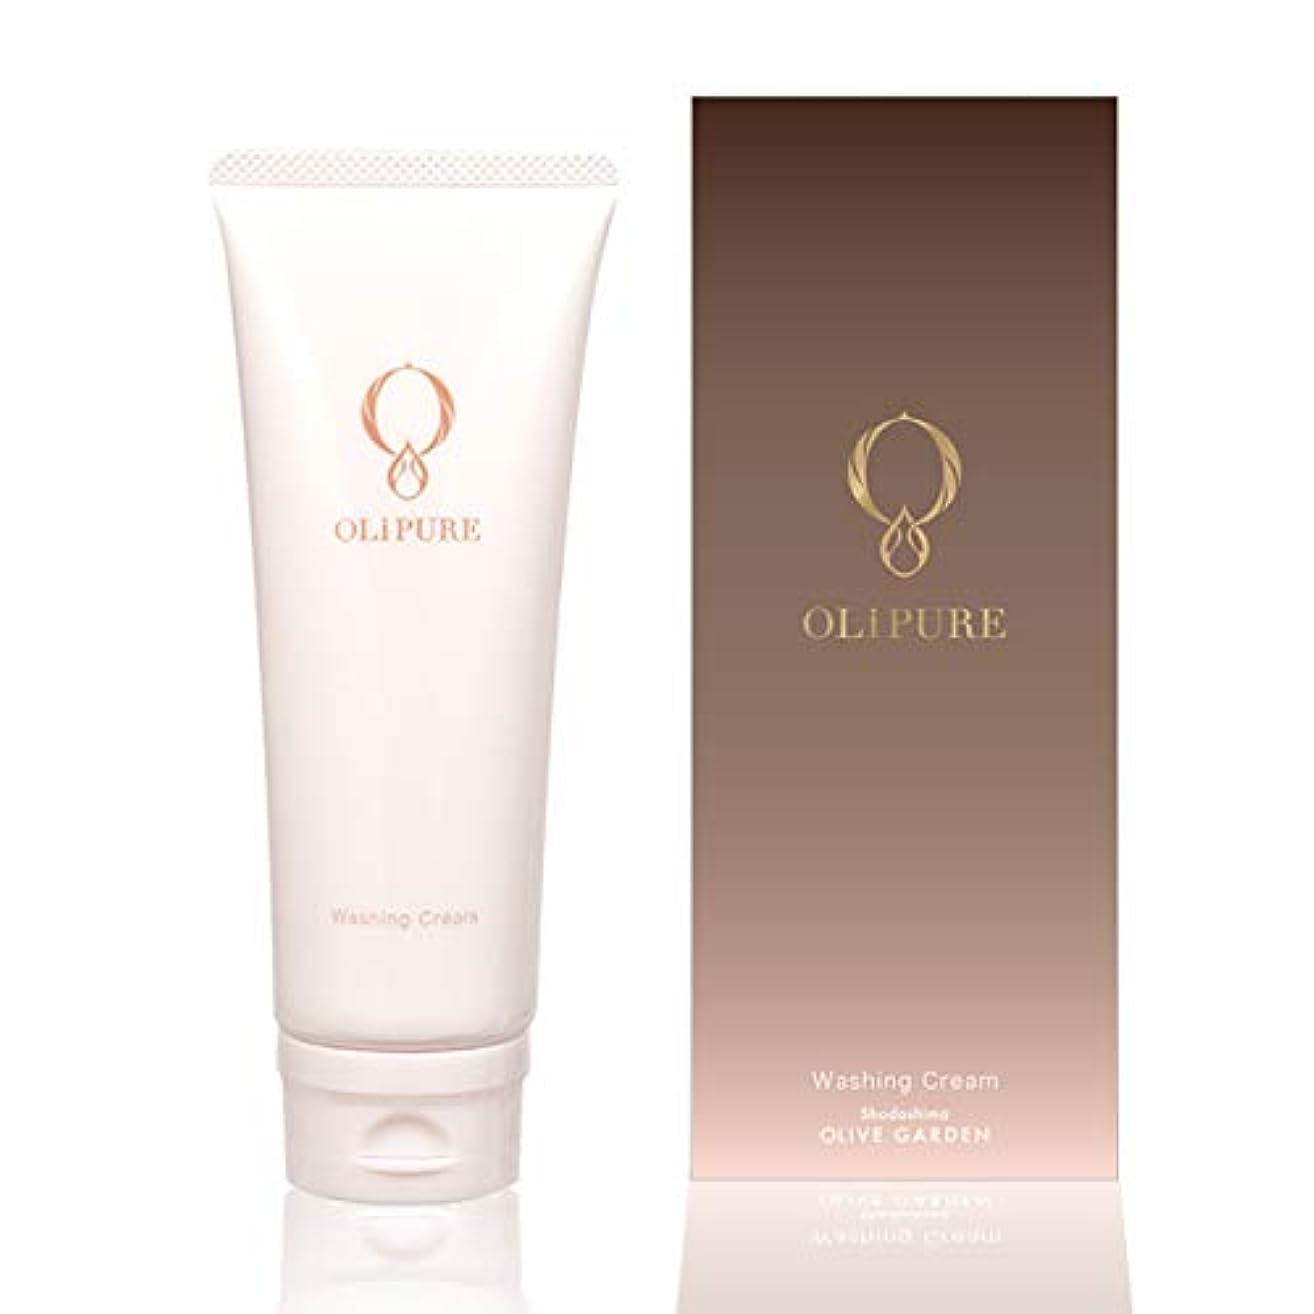 汚染するフライカイト農奴オリピュア ウォッシングクリーム100g 洗顔 OLiPURE Washing Cream